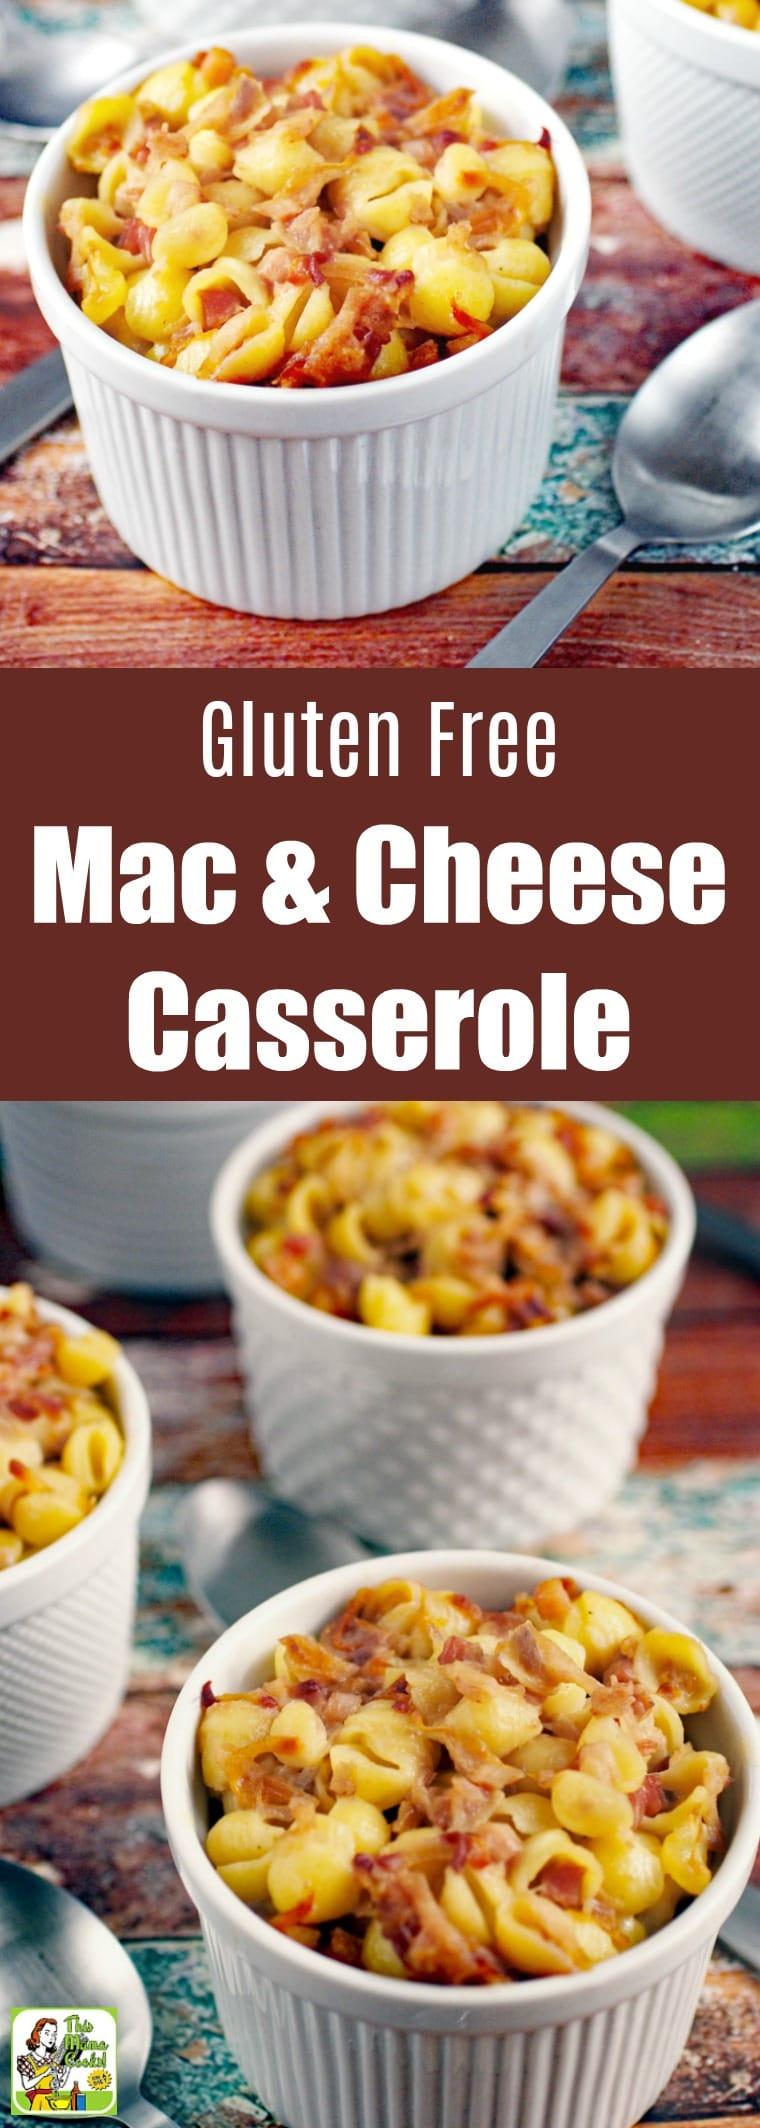 Gluten Free Mac & Cheese Casserole Recipe